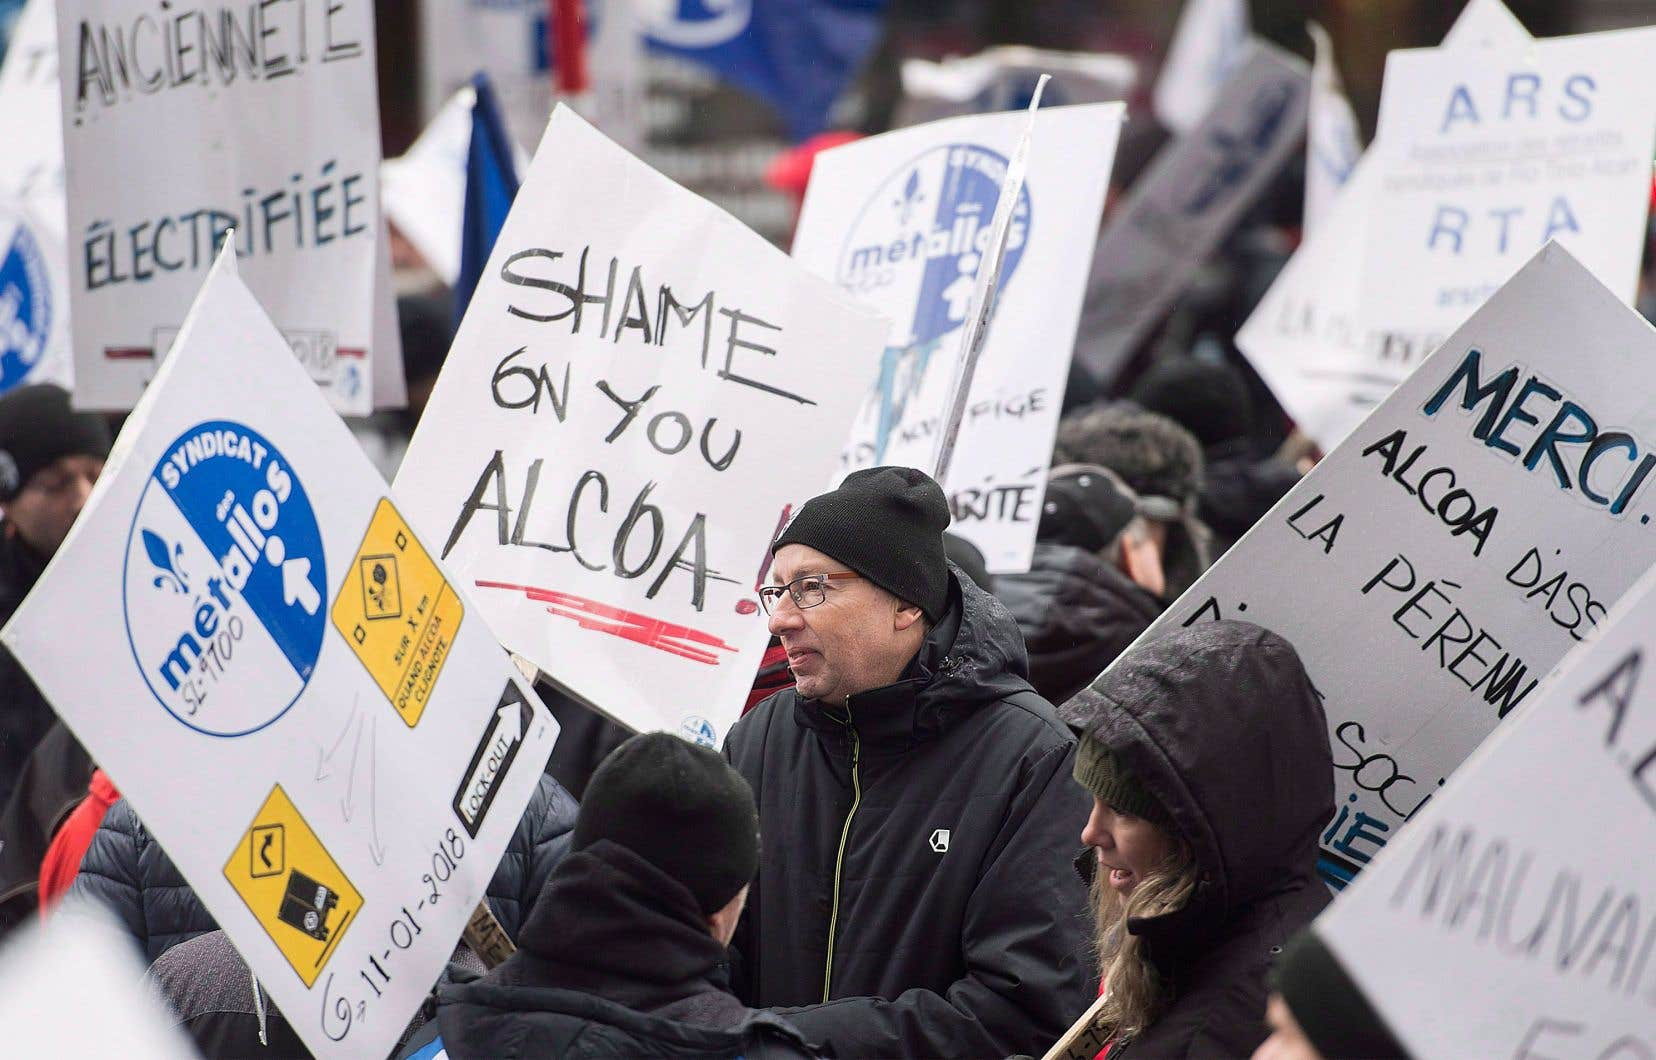 De plus en plus de travailleurs, qui n'ont pas l'intention de retourner au travail sans une entente négociée en main, peinent à joindre les deux bouts, selon le syndicat.